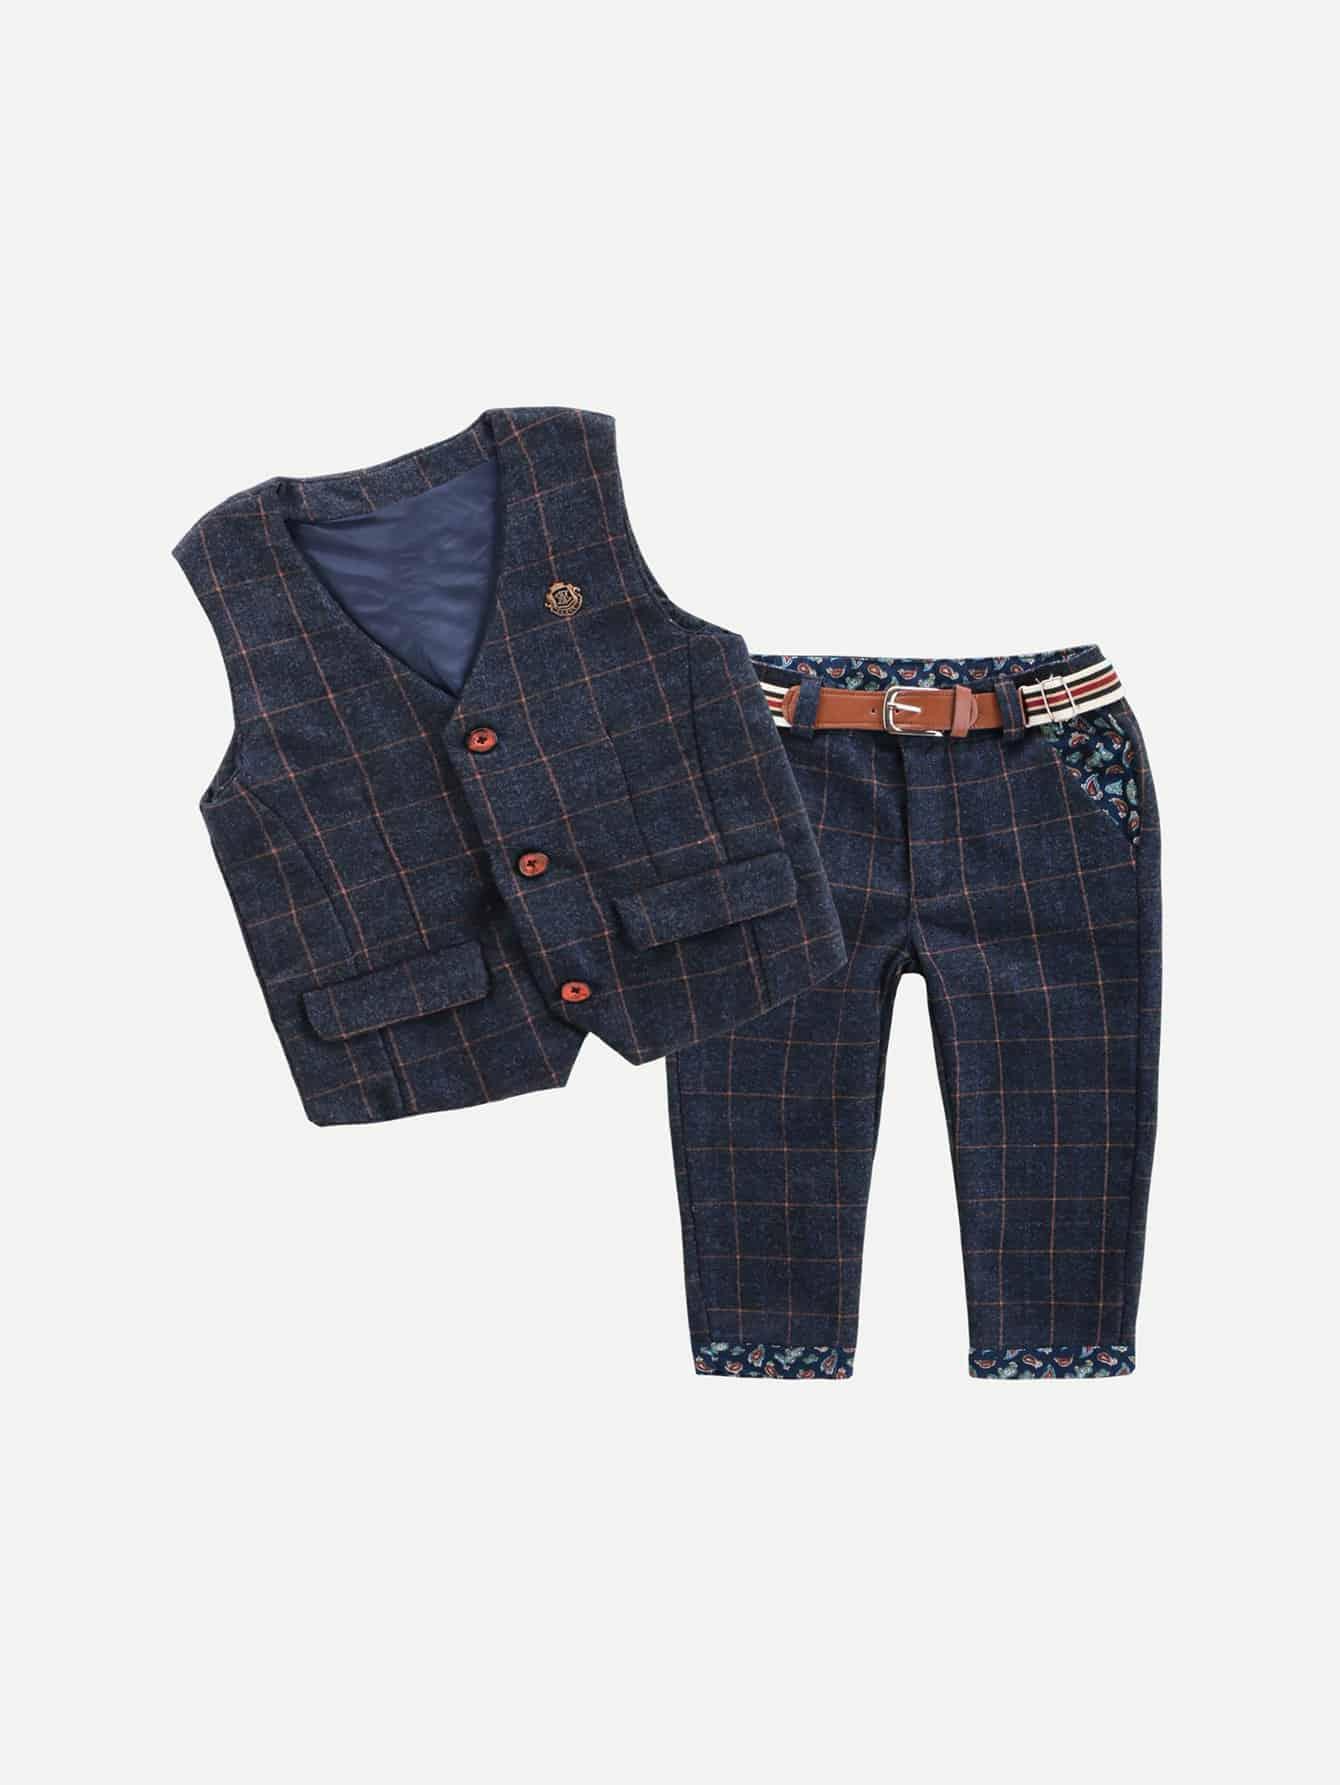 Блузка в клетку и брюки для мальчика, null, SheIn  - купить со скидкой